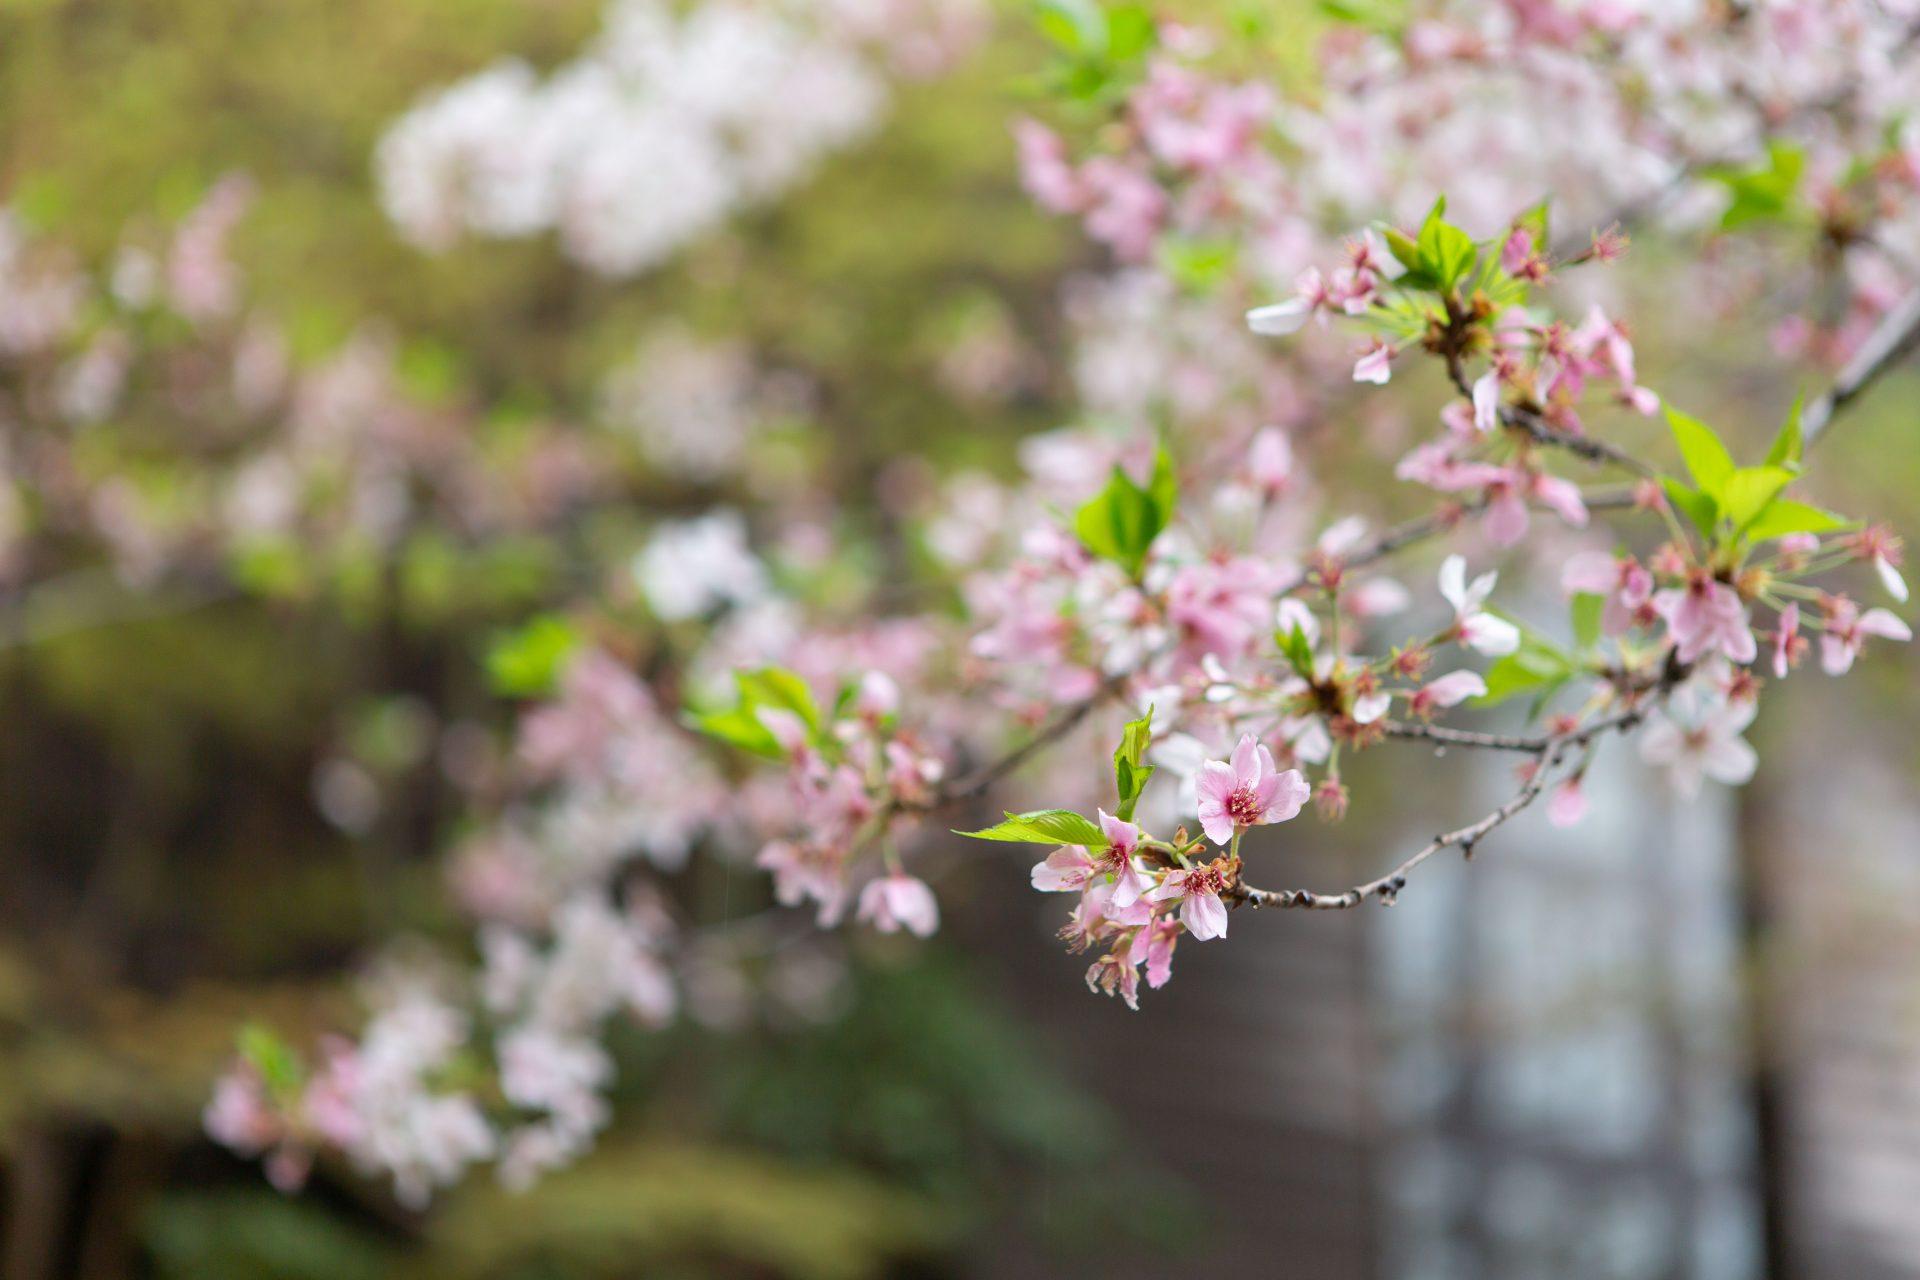 フォーチュンガーデン京都の桜が満開になる春の季節に行うナチュラルウェディング